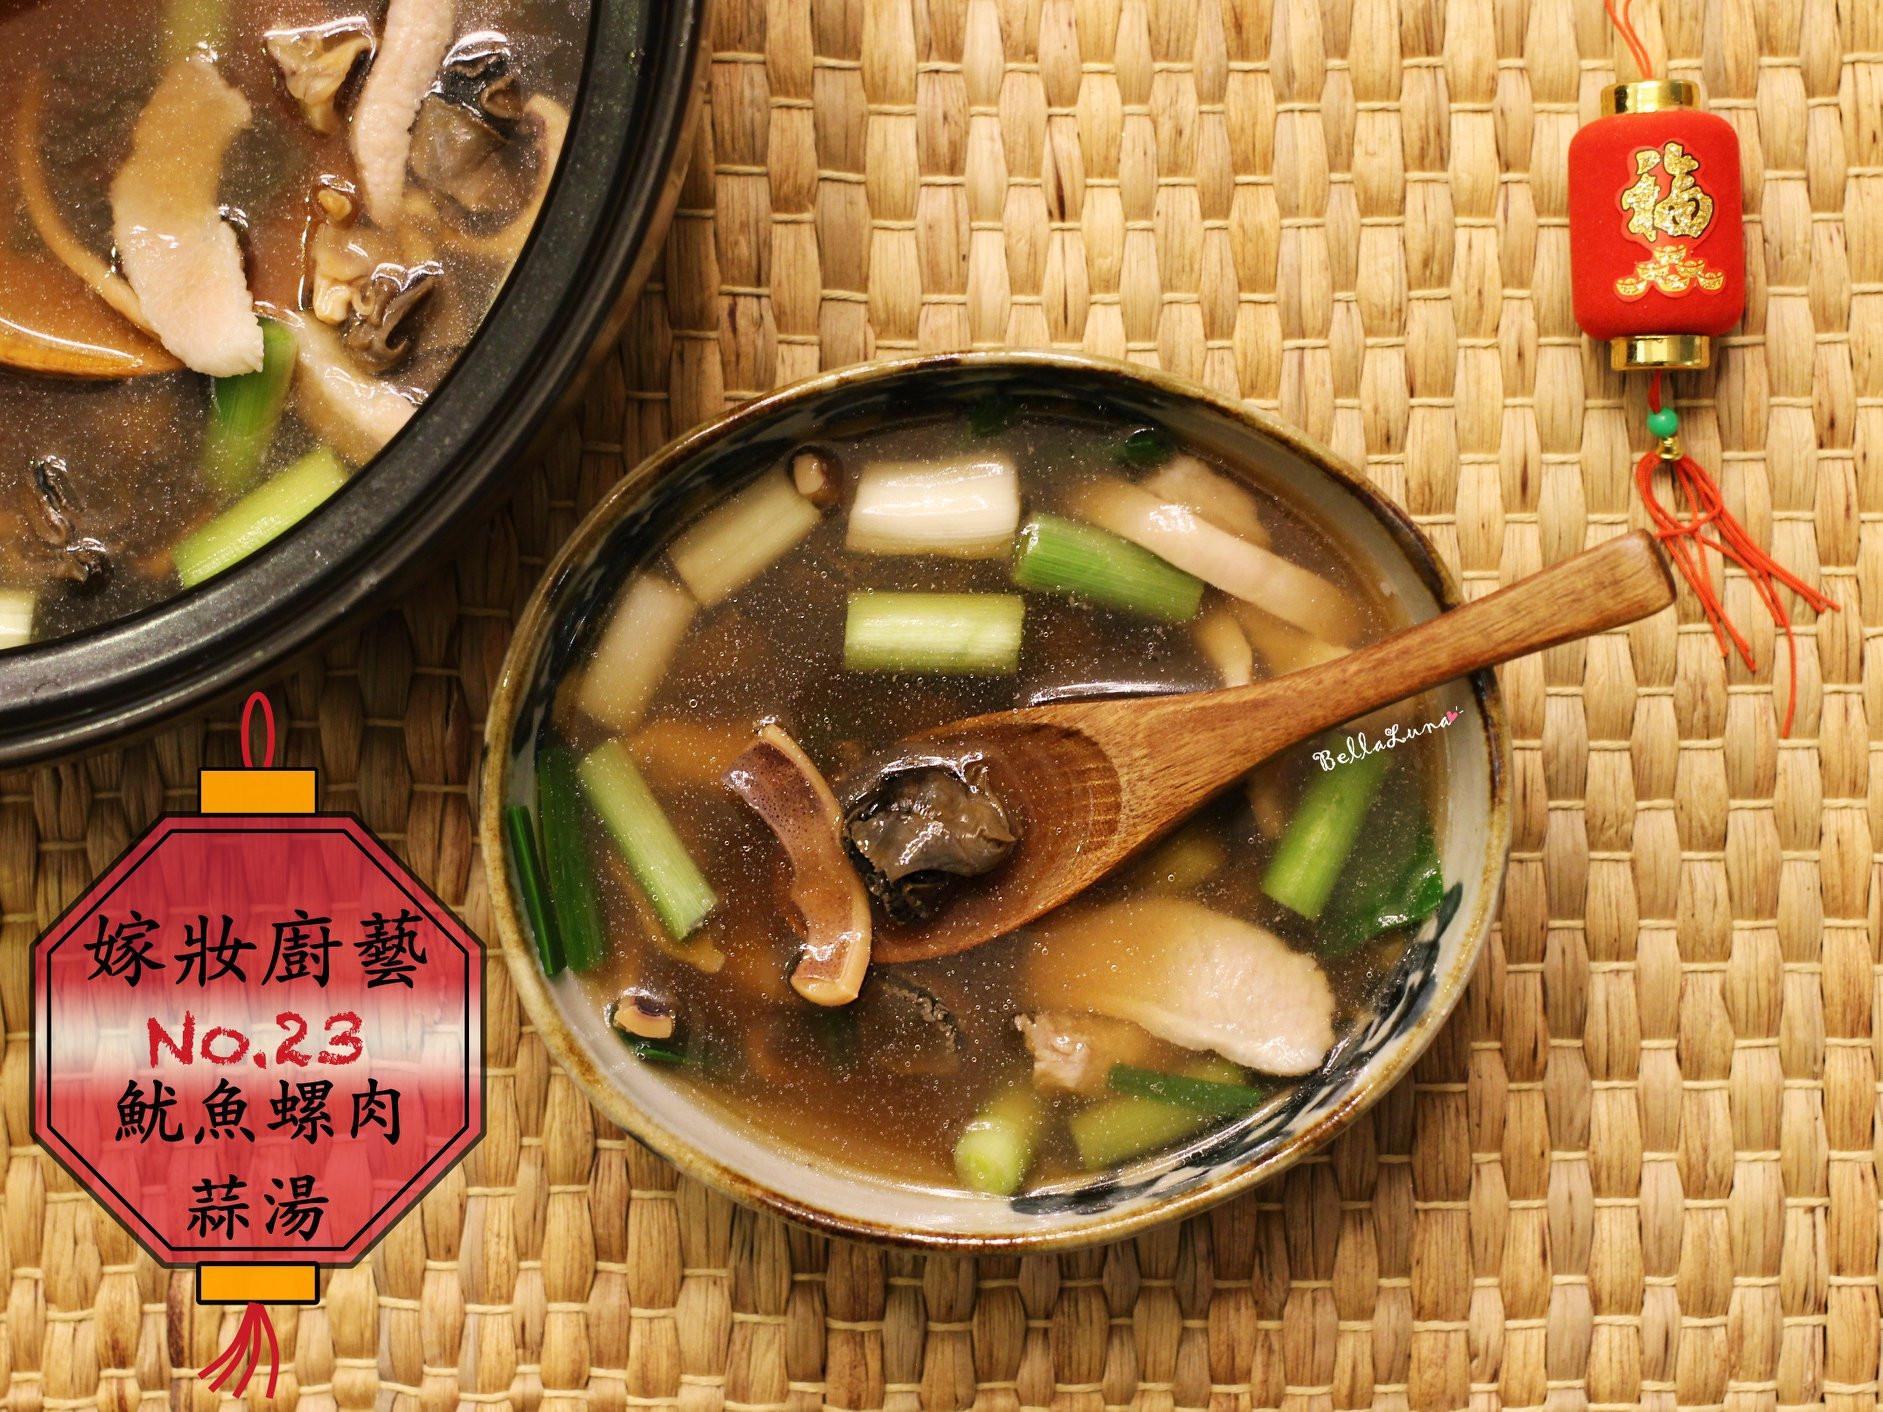 魷魚螺肉蒜湯 - 經典年菜(酒家菜)